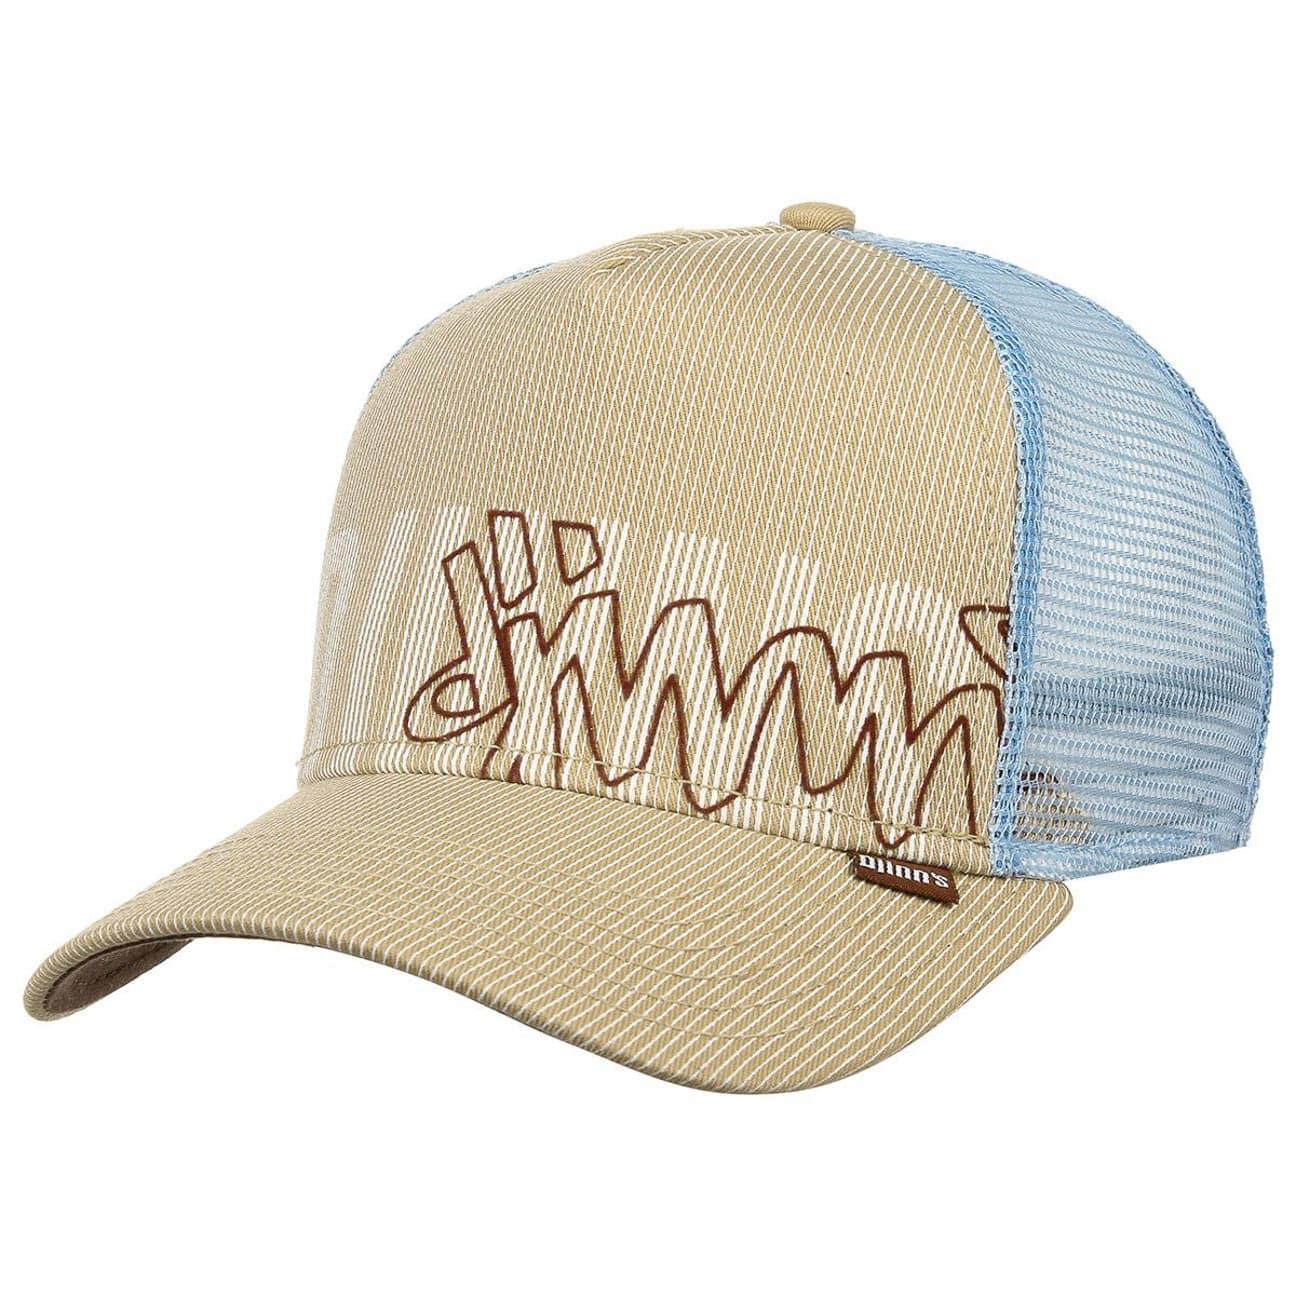 holo stripe trucker cap by djinns eur 19 99 hats. Black Bedroom Furniture Sets. Home Design Ideas